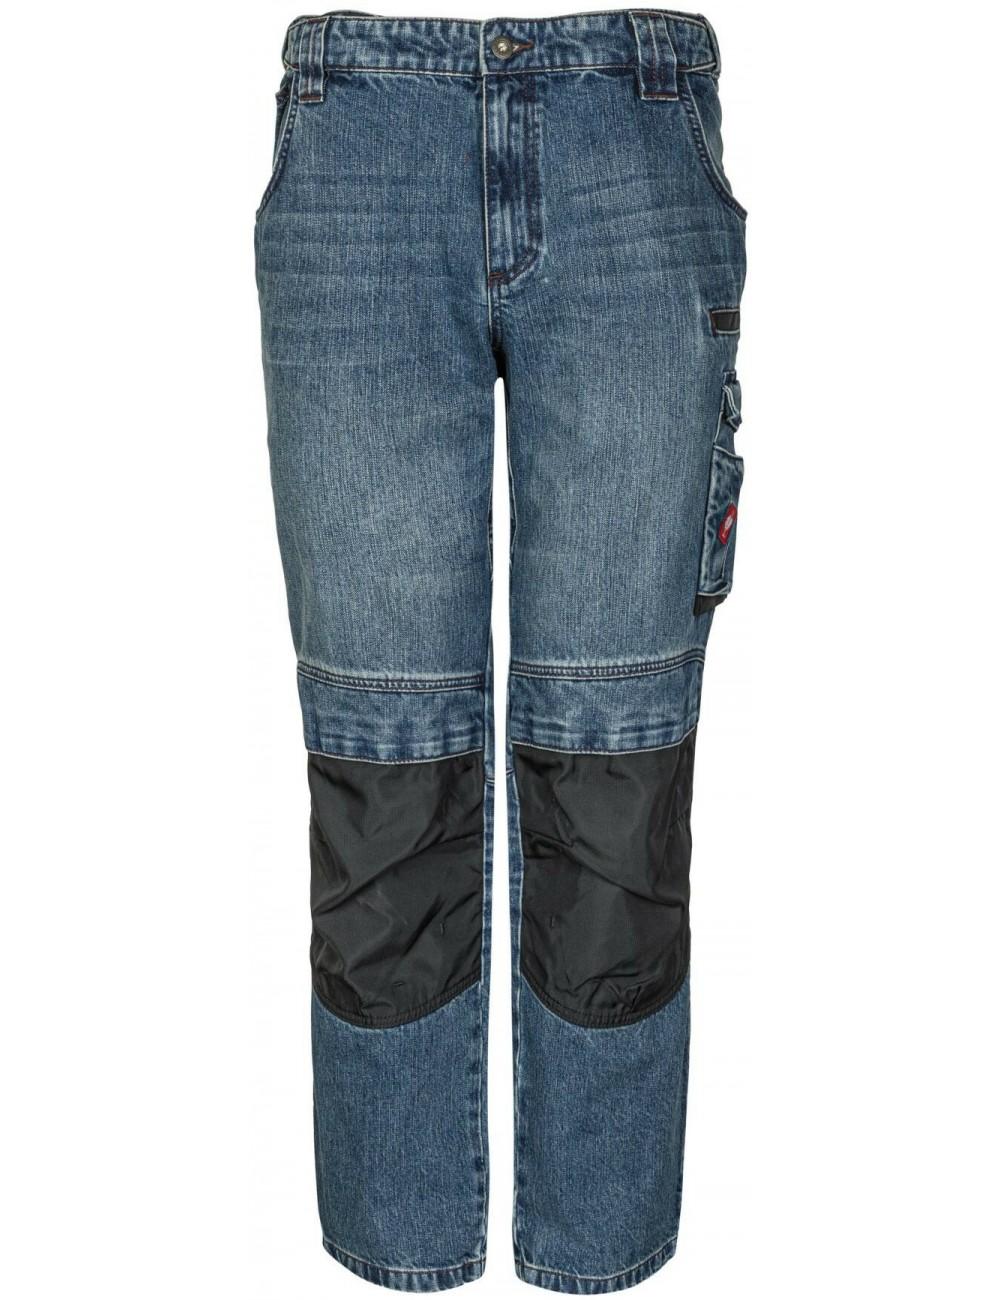 Spodnie Engelbert Strauss Denim Motion Jeans